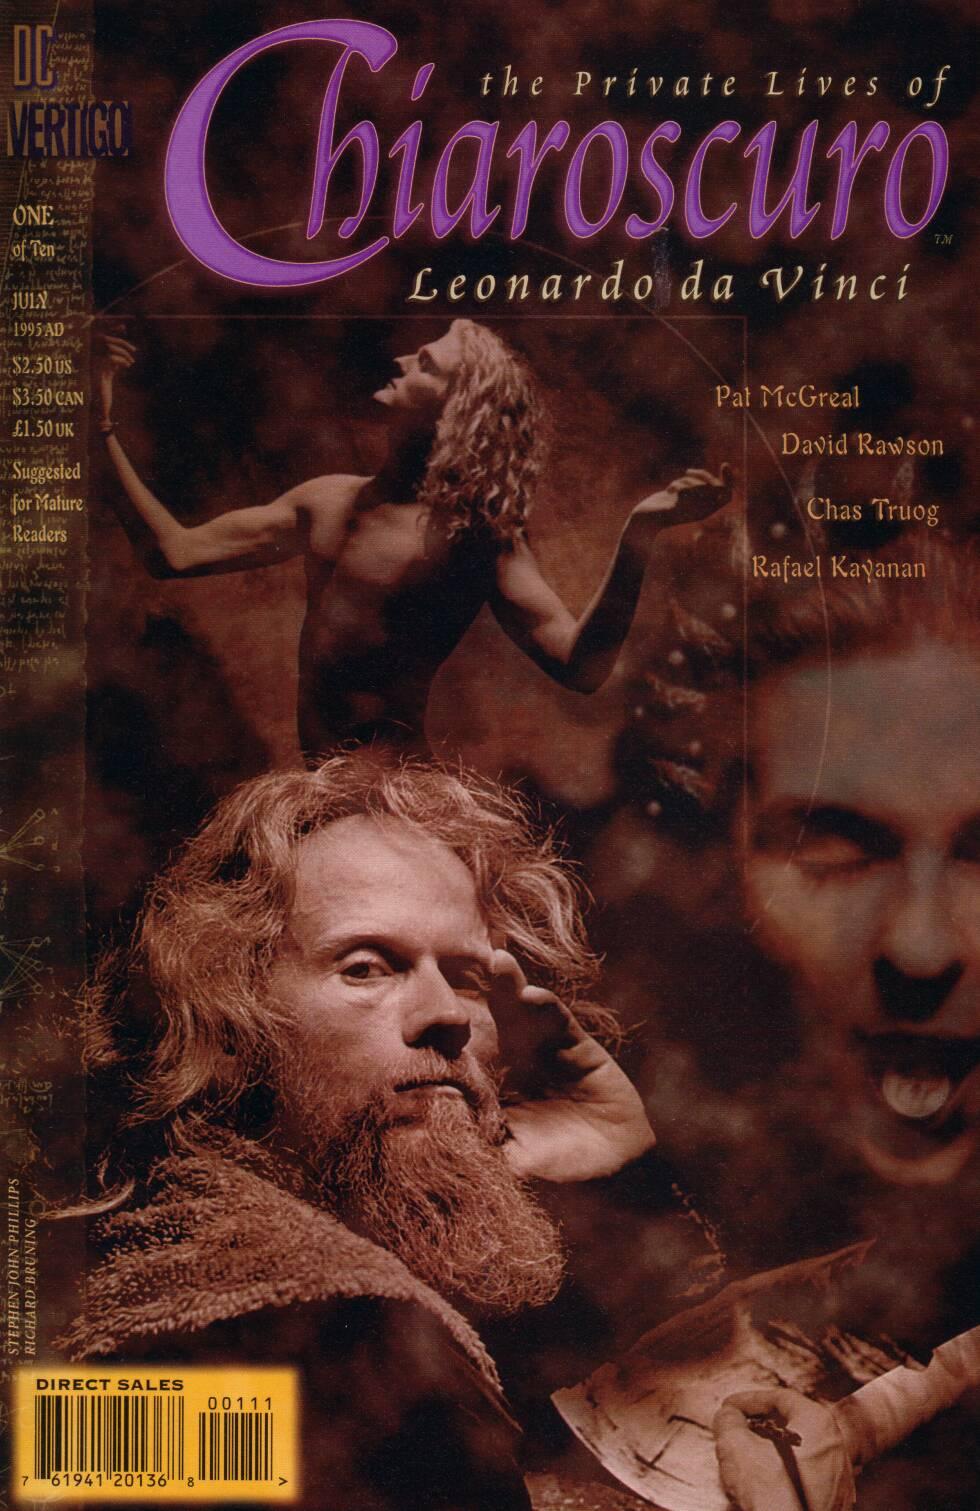 Chiaroscuro: The Private Lives of Leonardo da Vinci Vol 1